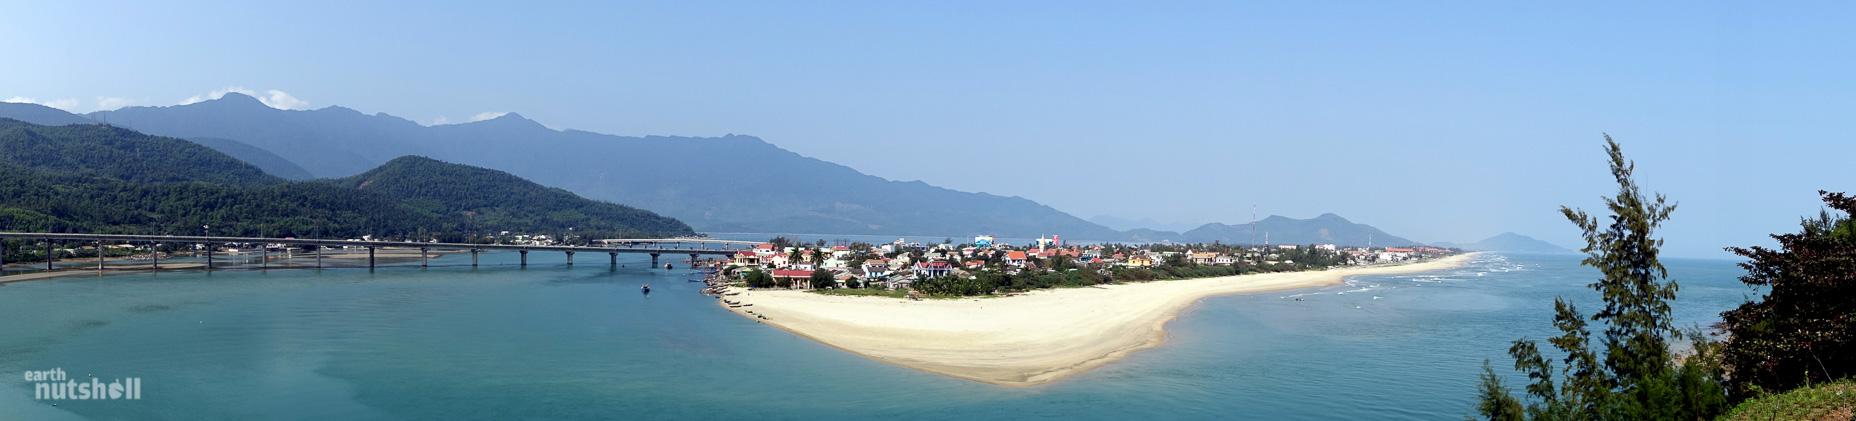 vietnam-langco-panorama